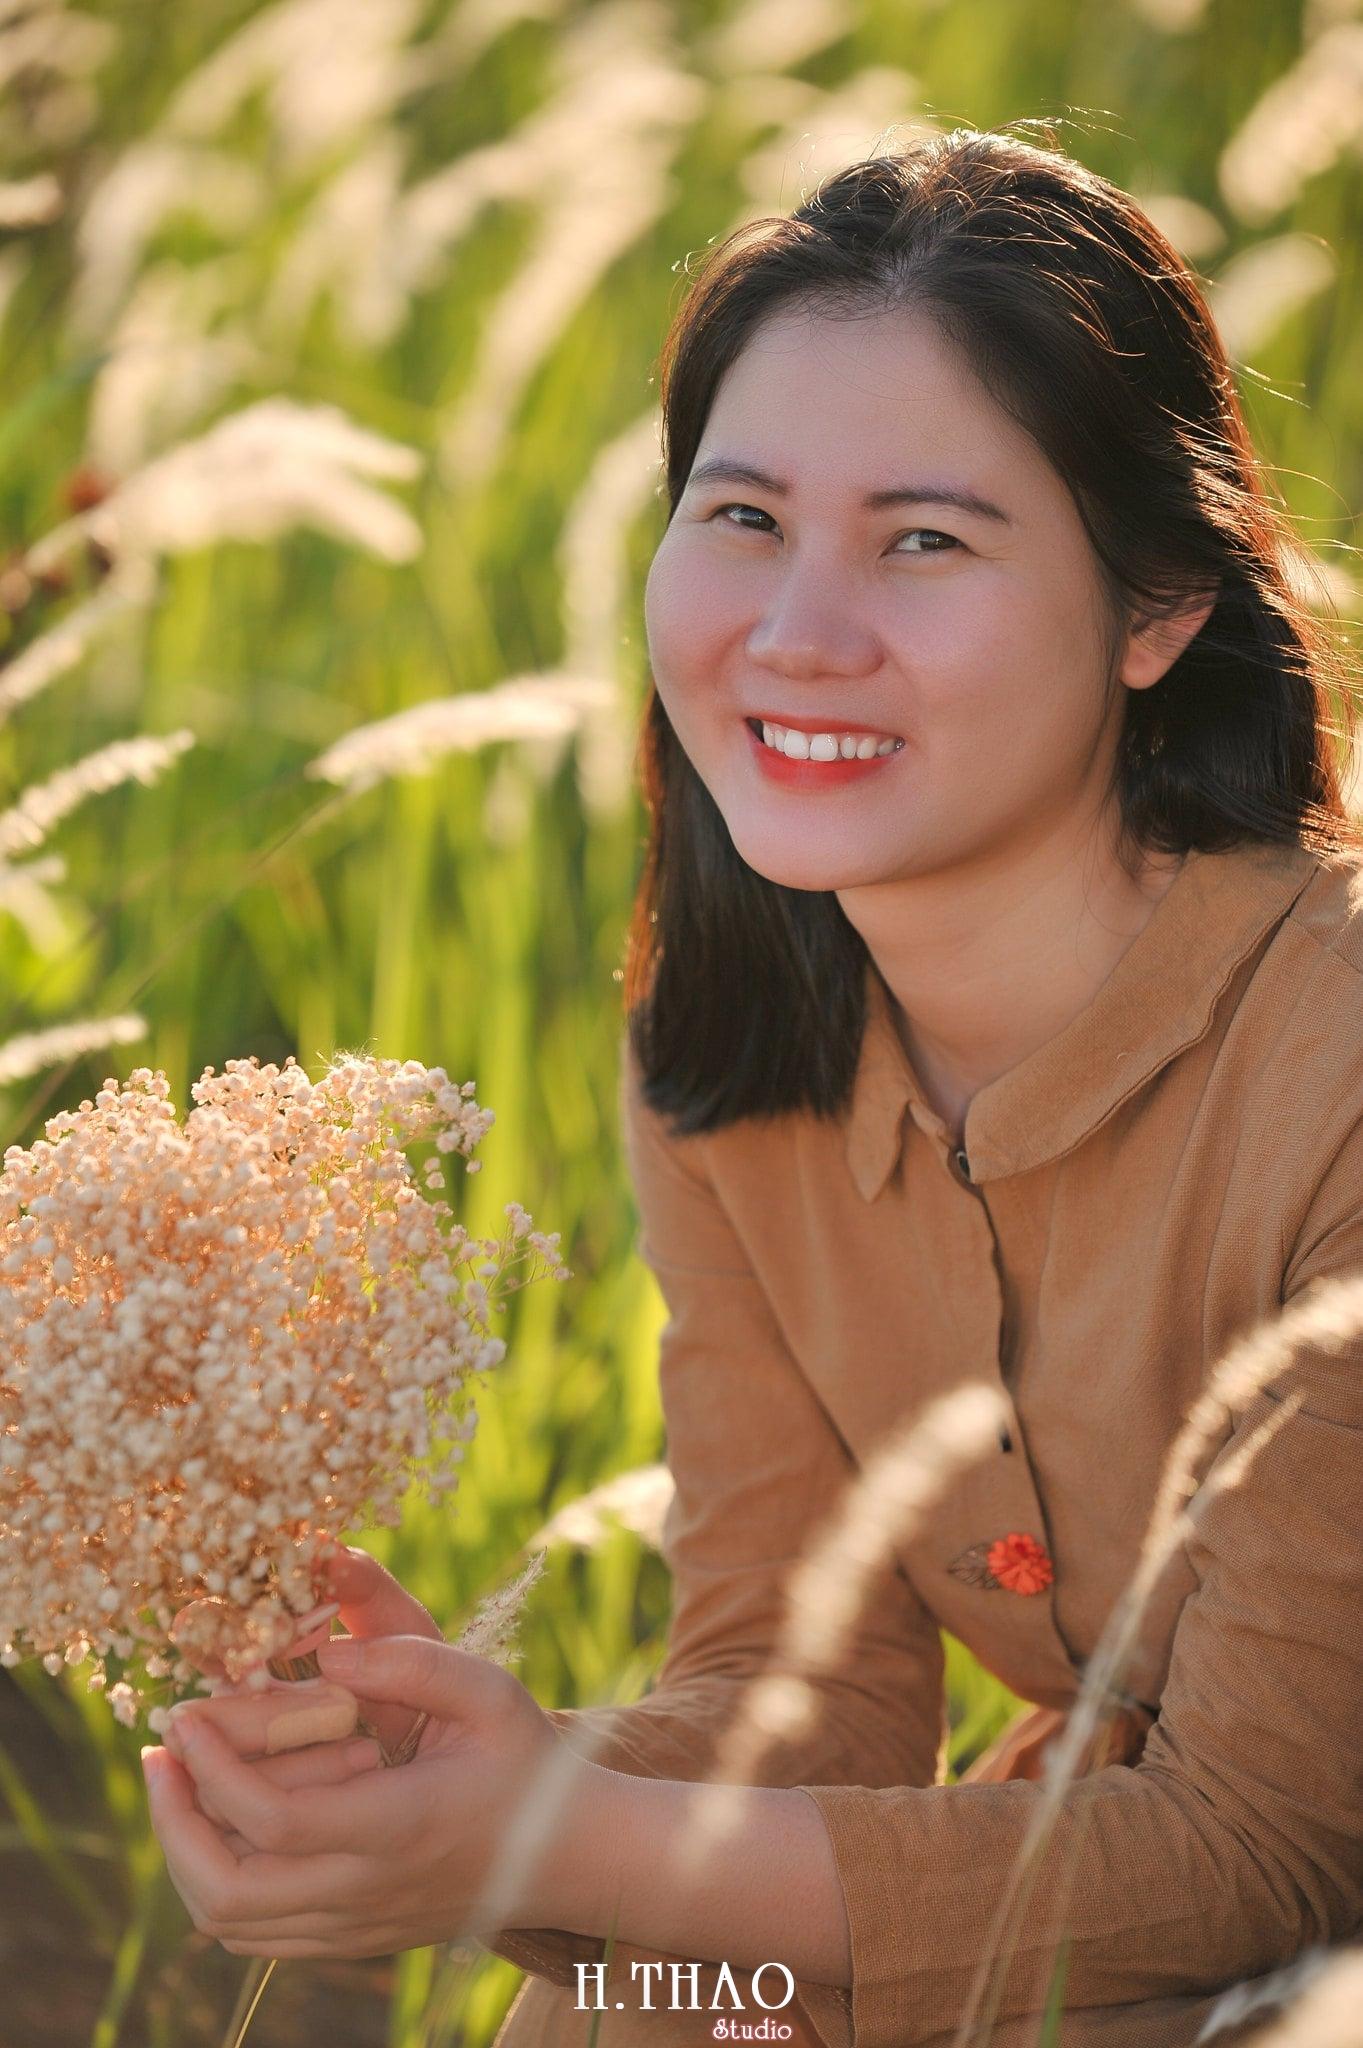 Co lau quan 9 14 min - Góc ảnh cỏ lau quận 2 tuyệt đẹp với nắng chiều - HThao Studio